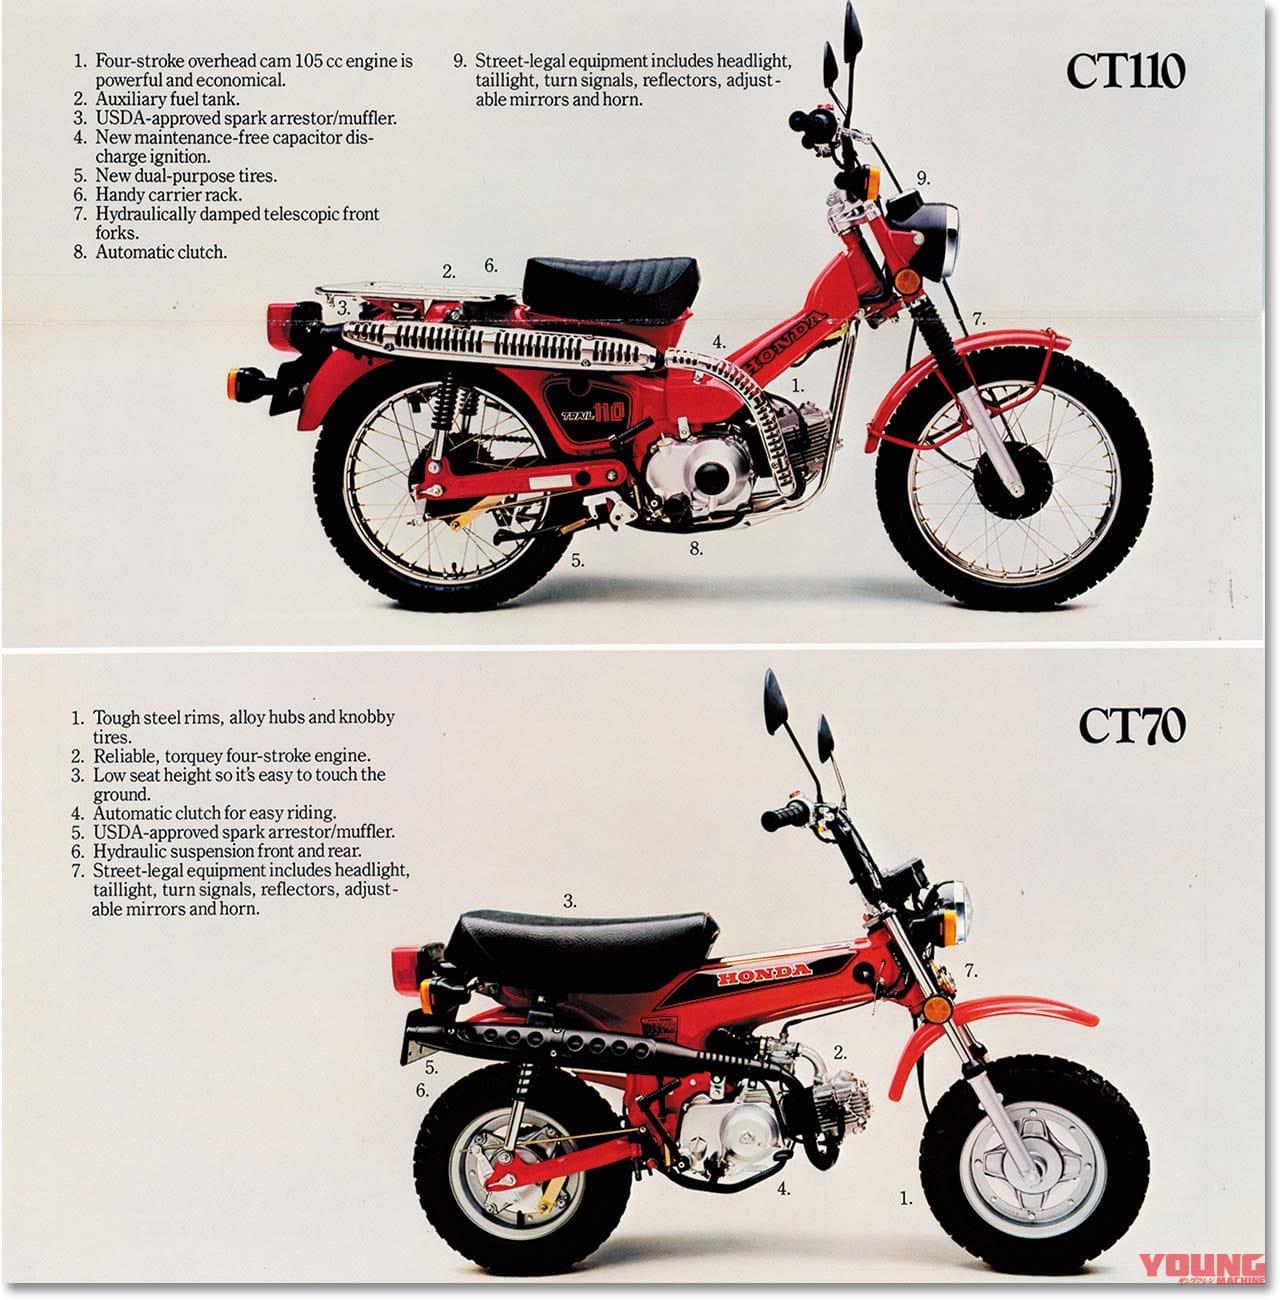 """ホンダ新型CT125への道 """"ハンター""""の系譜を辿る【'70年代~現代のクロスカブへ】"""